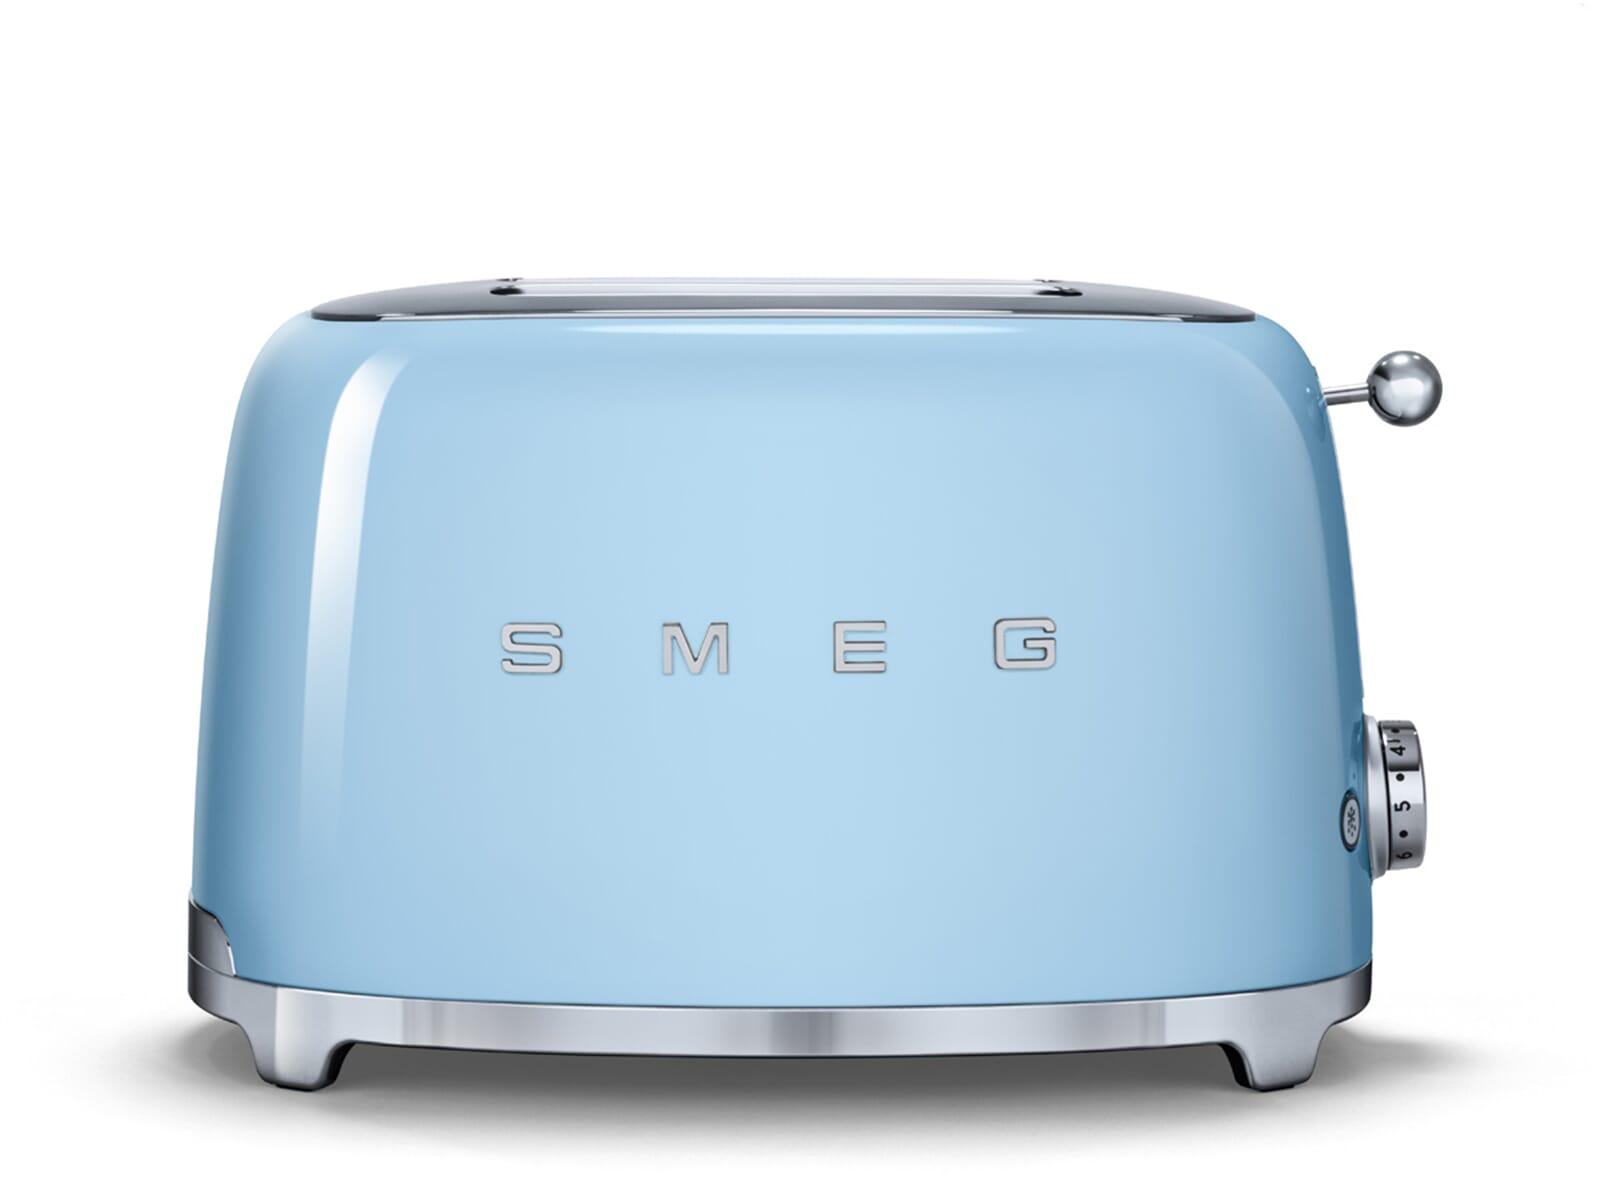 Smeg Kühlschrank Hellblau : Der bosch retro kühlschrank bringt farbe in die küche